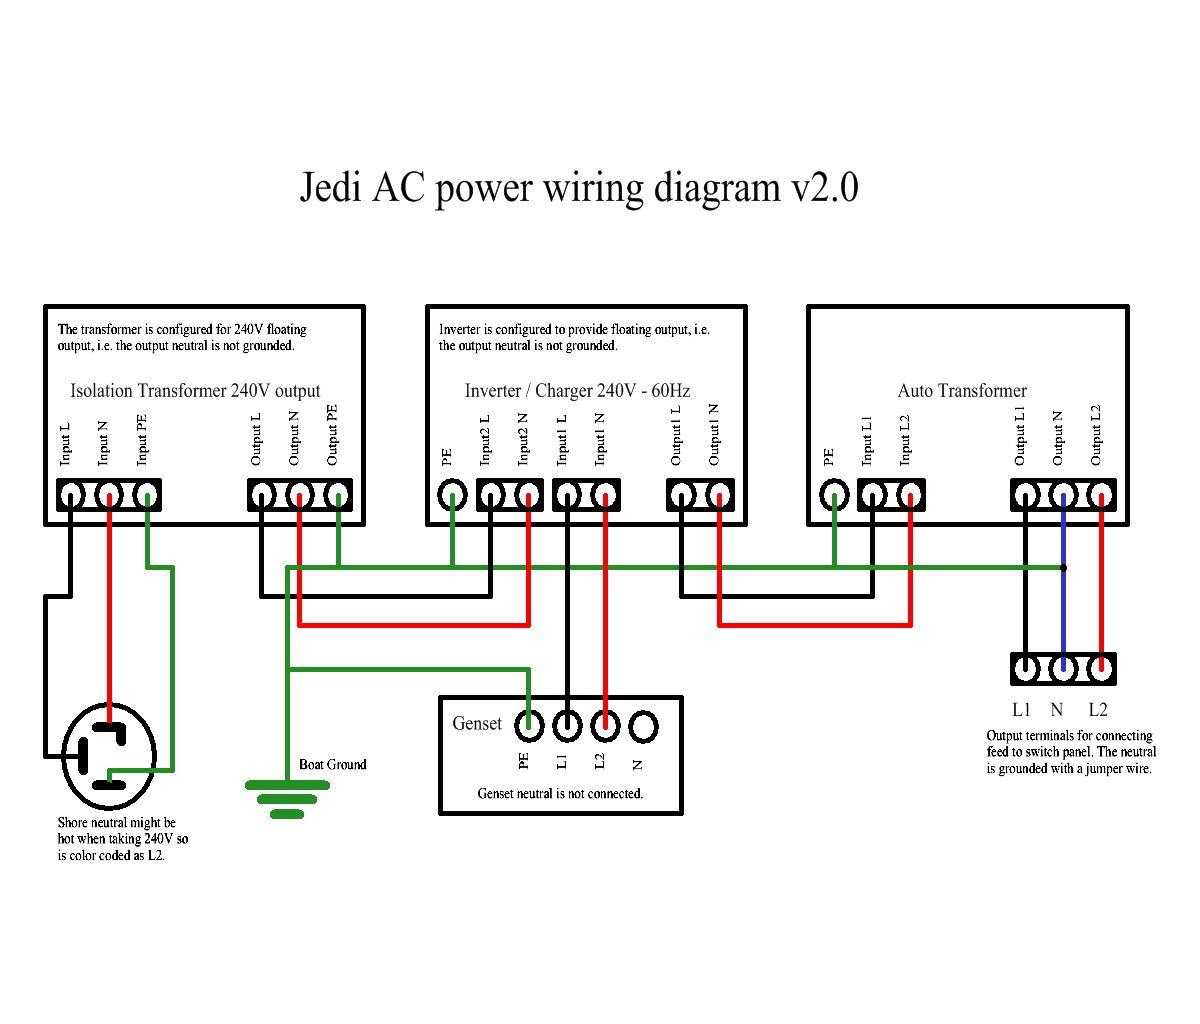 standard boat wiring diagram standard wiring diagrams boat ac wiring diagram boat auto wiring diagram schematic